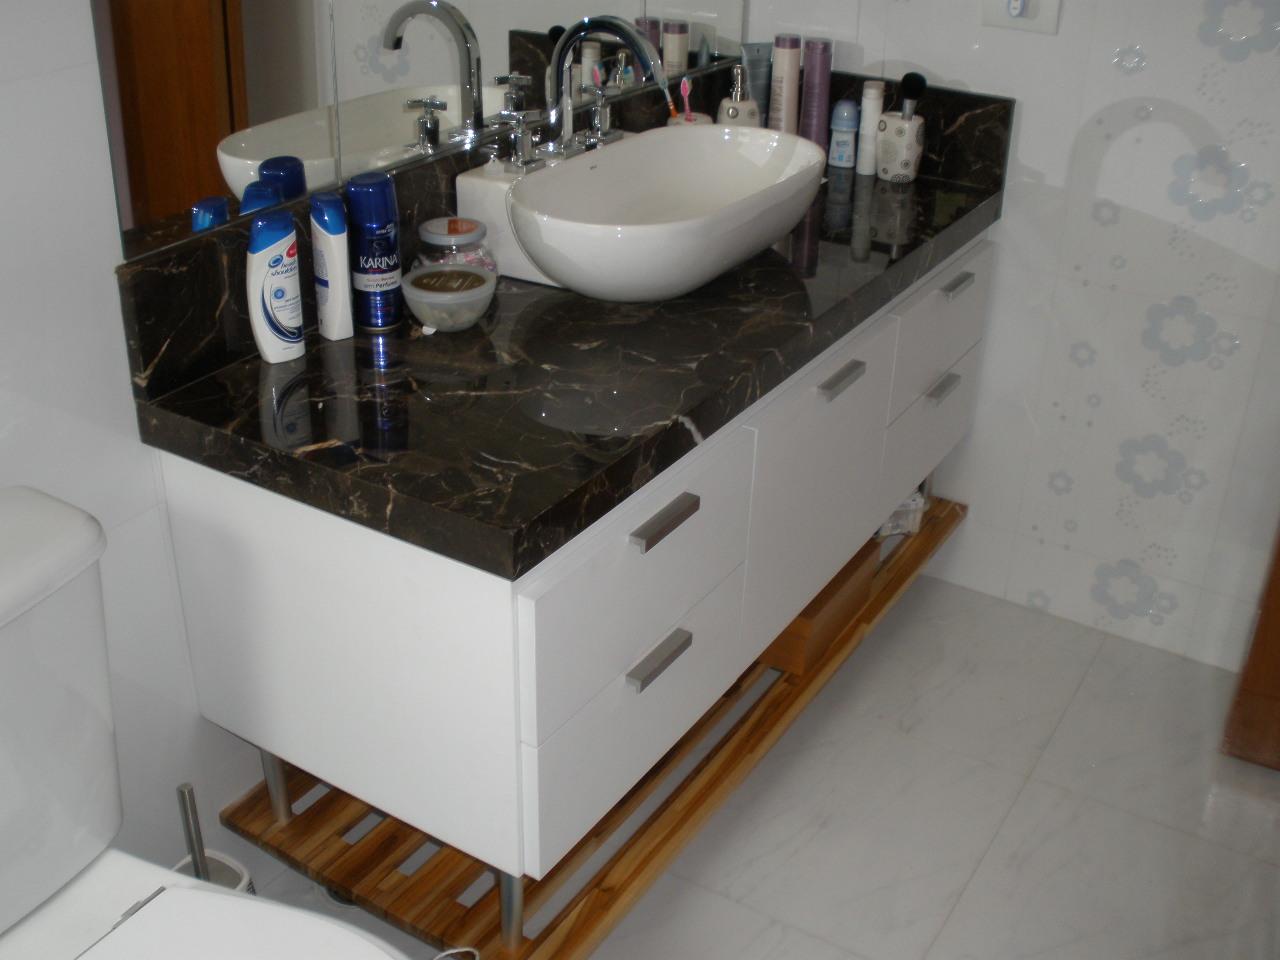 gabinete banheiro em mdf revestido em melamina branca texturizada  #243F6B 1280 960